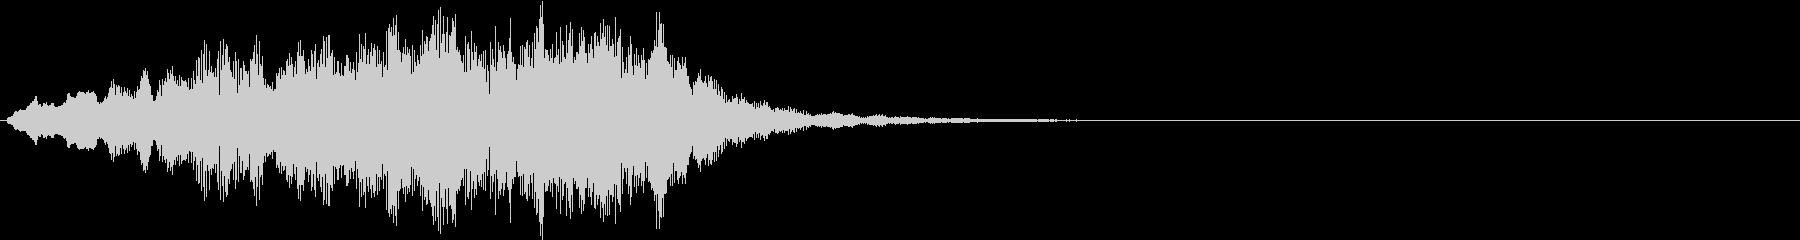 ボーイソプラノ1 アート芸術聖歌 8秒の未再生の波形